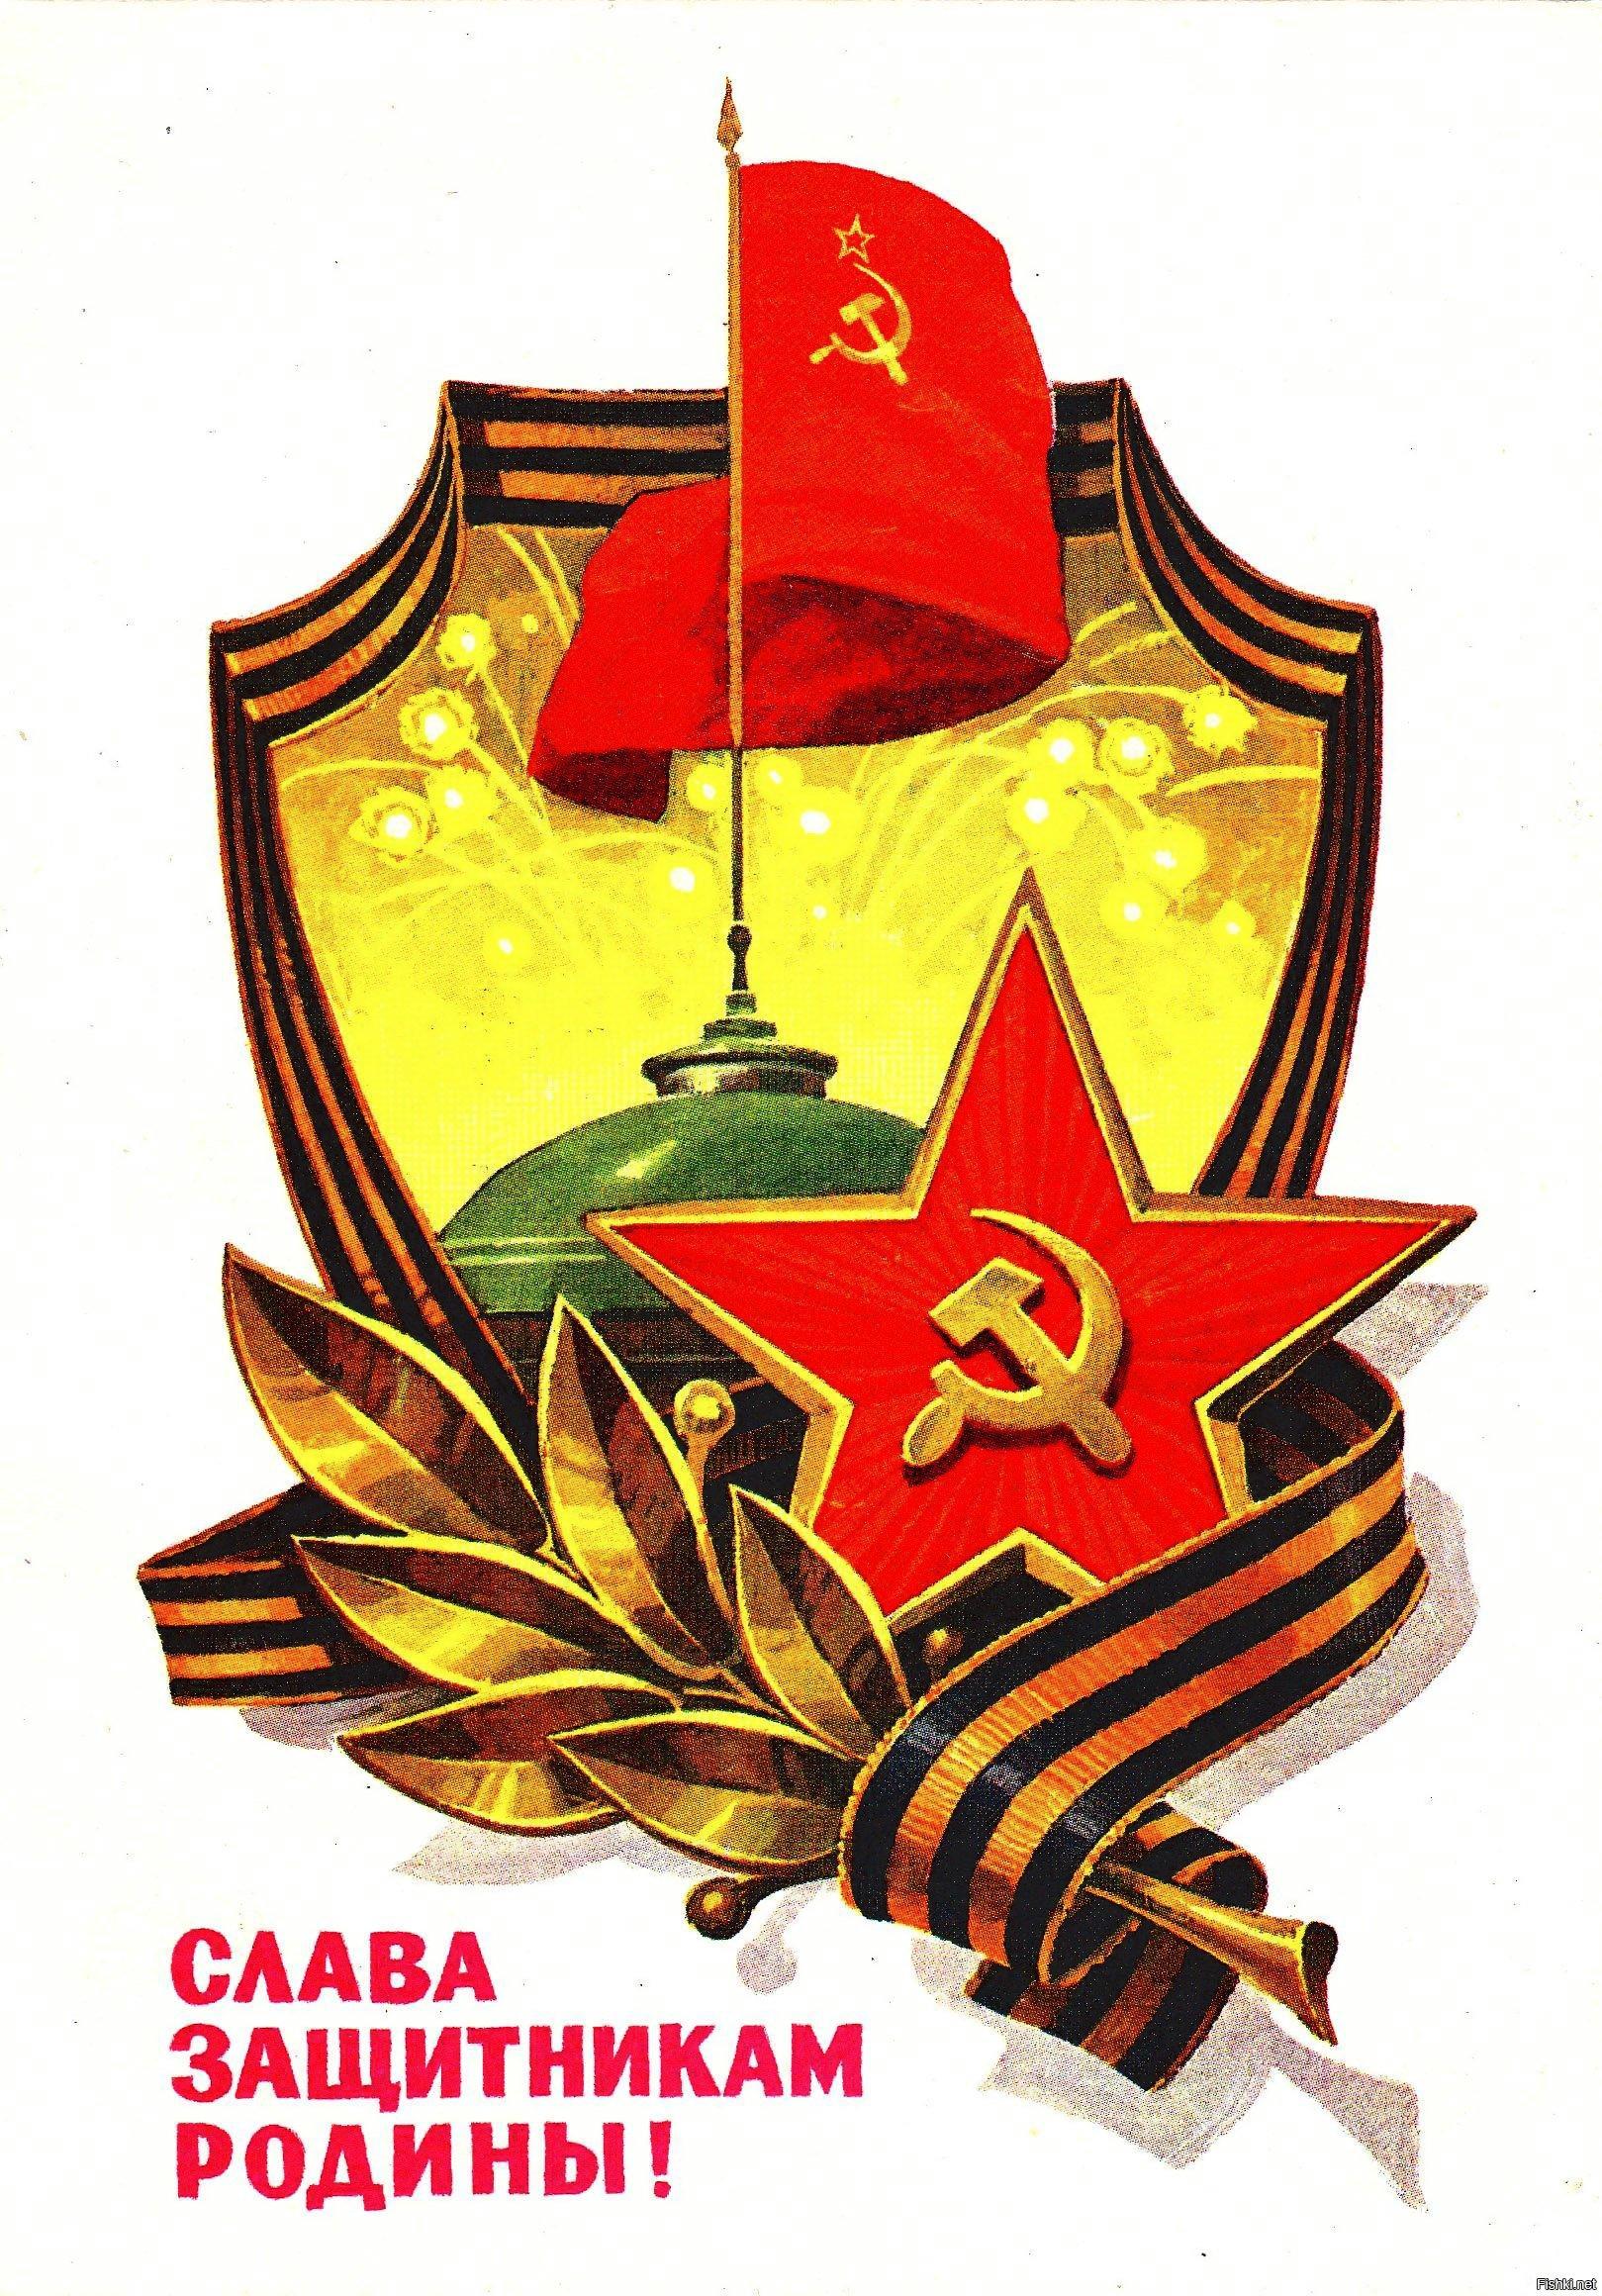 Картинки, советские открытки с днем 23 февраля мужчине